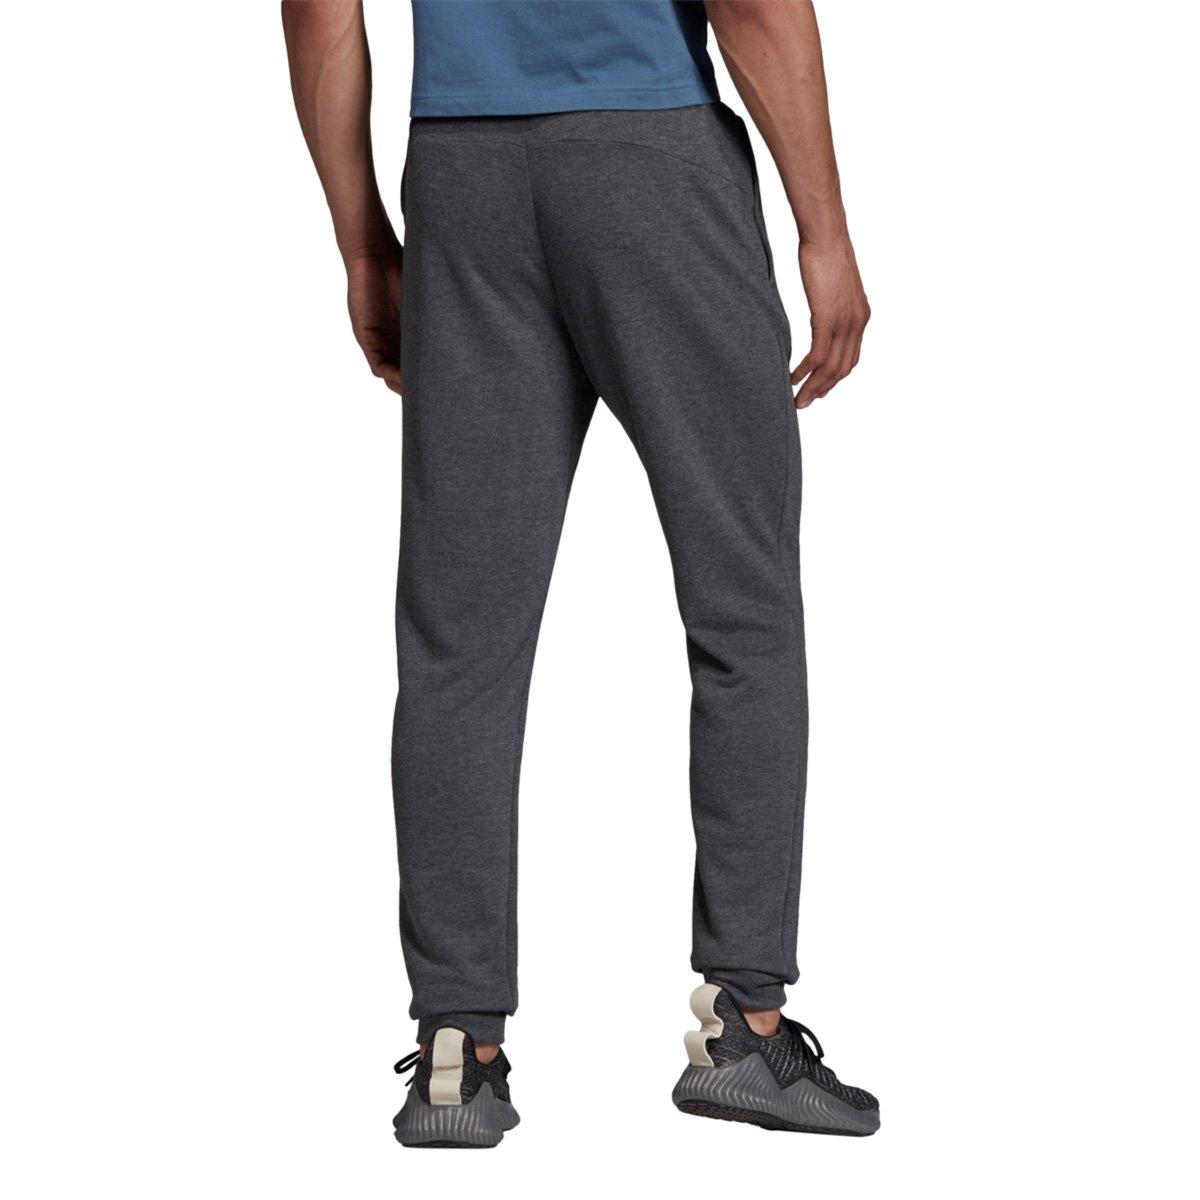 Calça Adidas D2M Knit Masculina Cinza e Preto